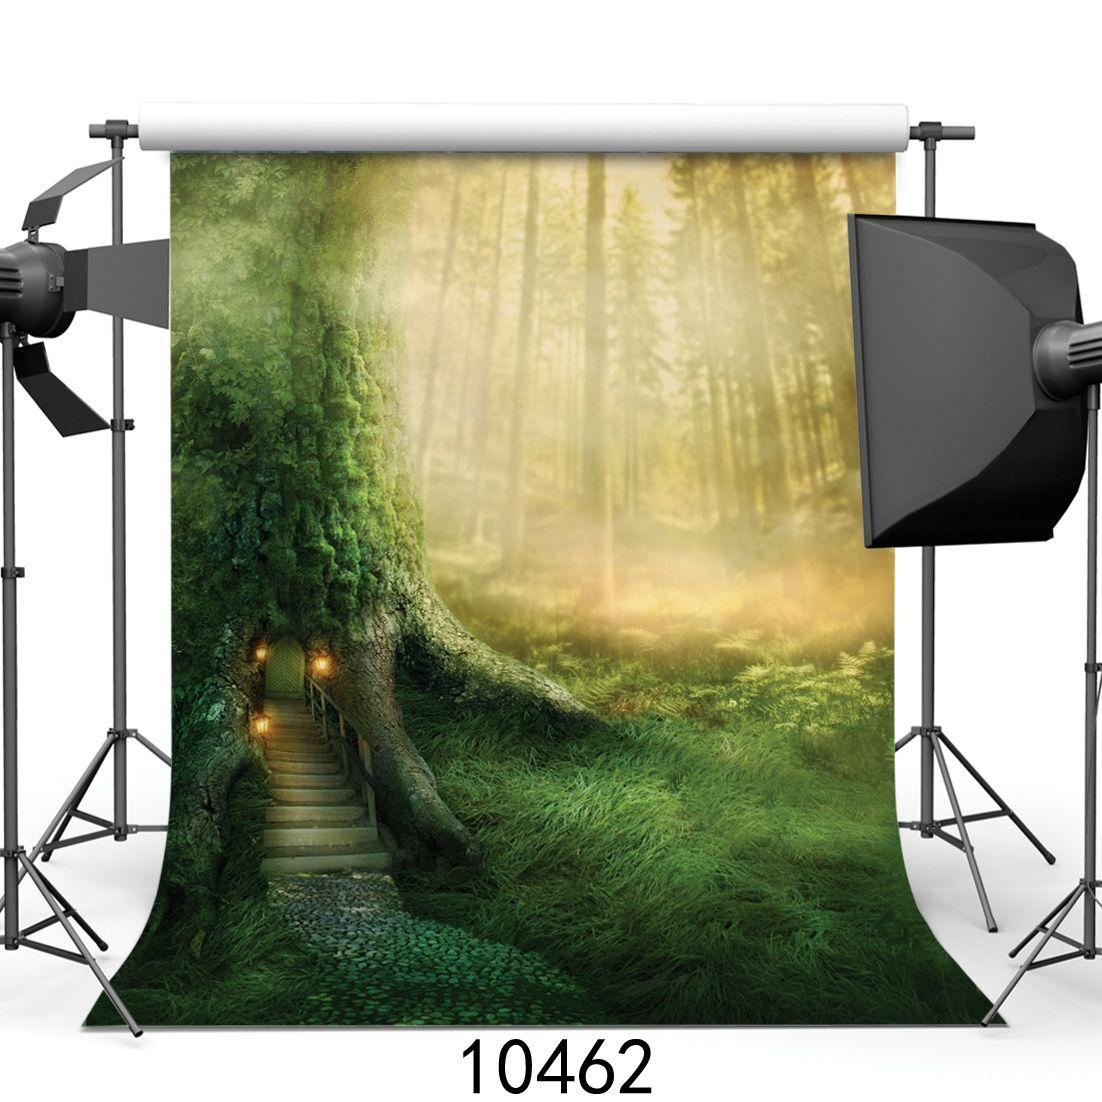 Vinyl Benutzerdefinierte Fotografie Kulissen Prop digital gedruckt vertikale Landschaft Thema Fotostudio Hintergrund JLT-10462